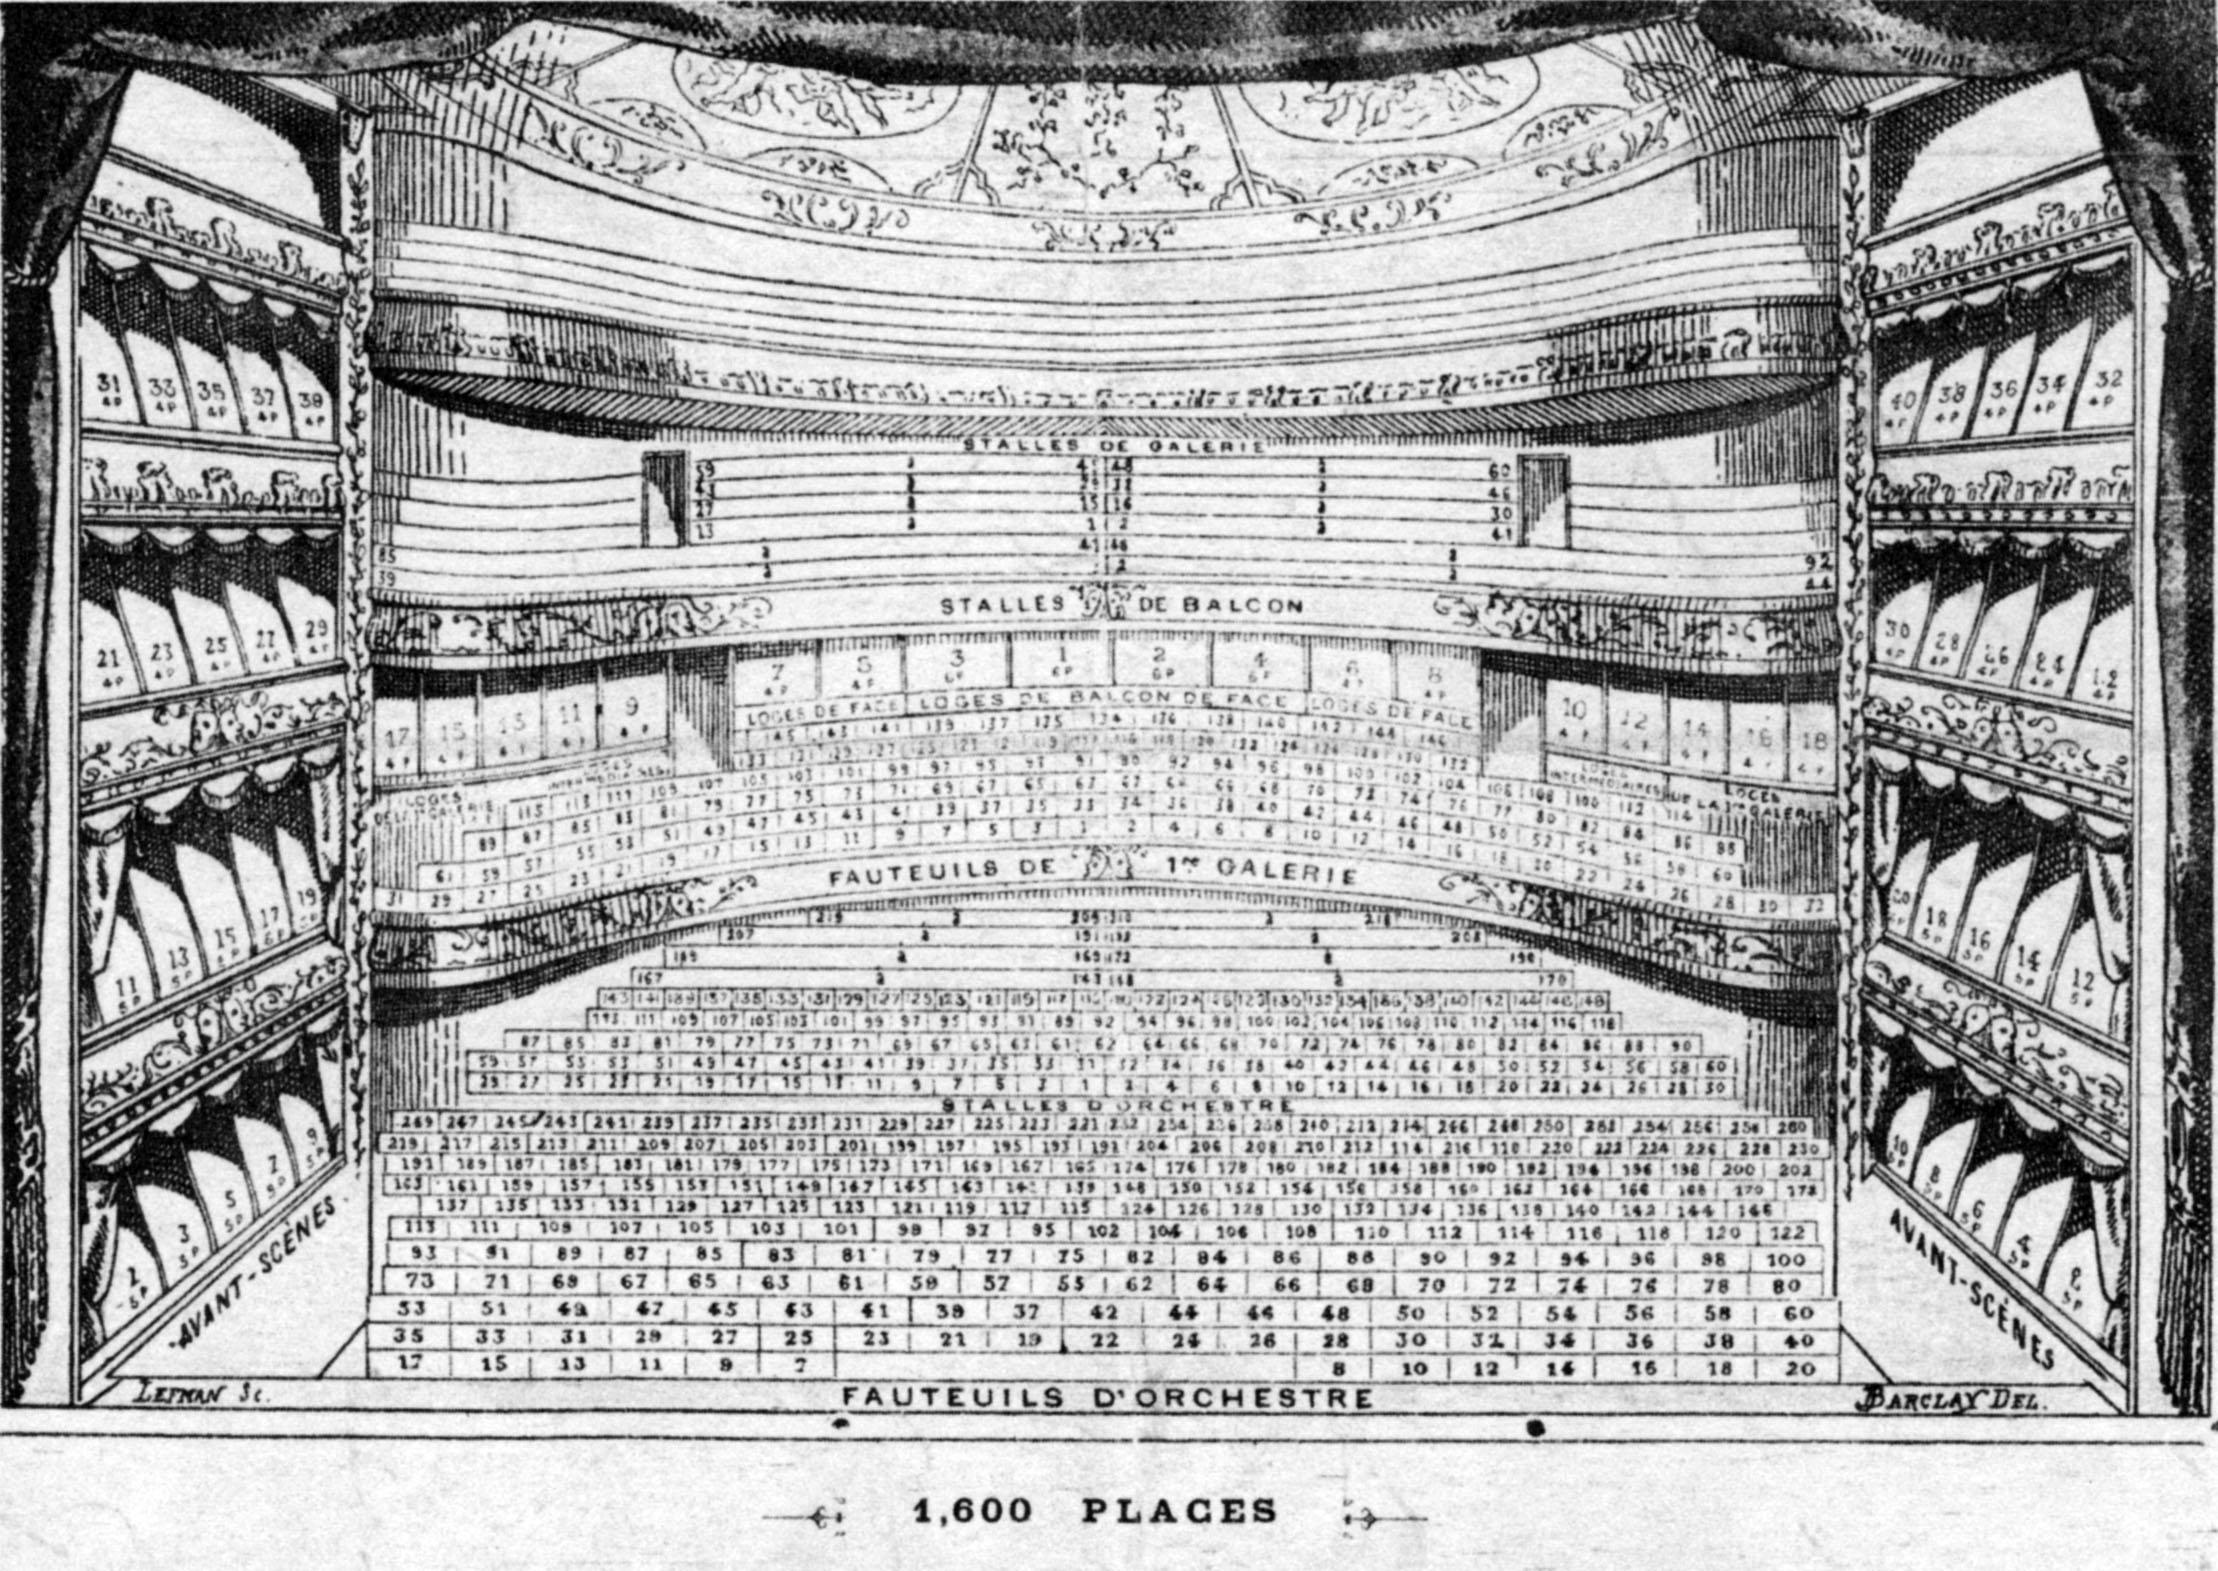 Ftse 100 15 Year Chart: Théâtre des Folies-Dramatiques on the rue de Bondy 1875 ,Chart